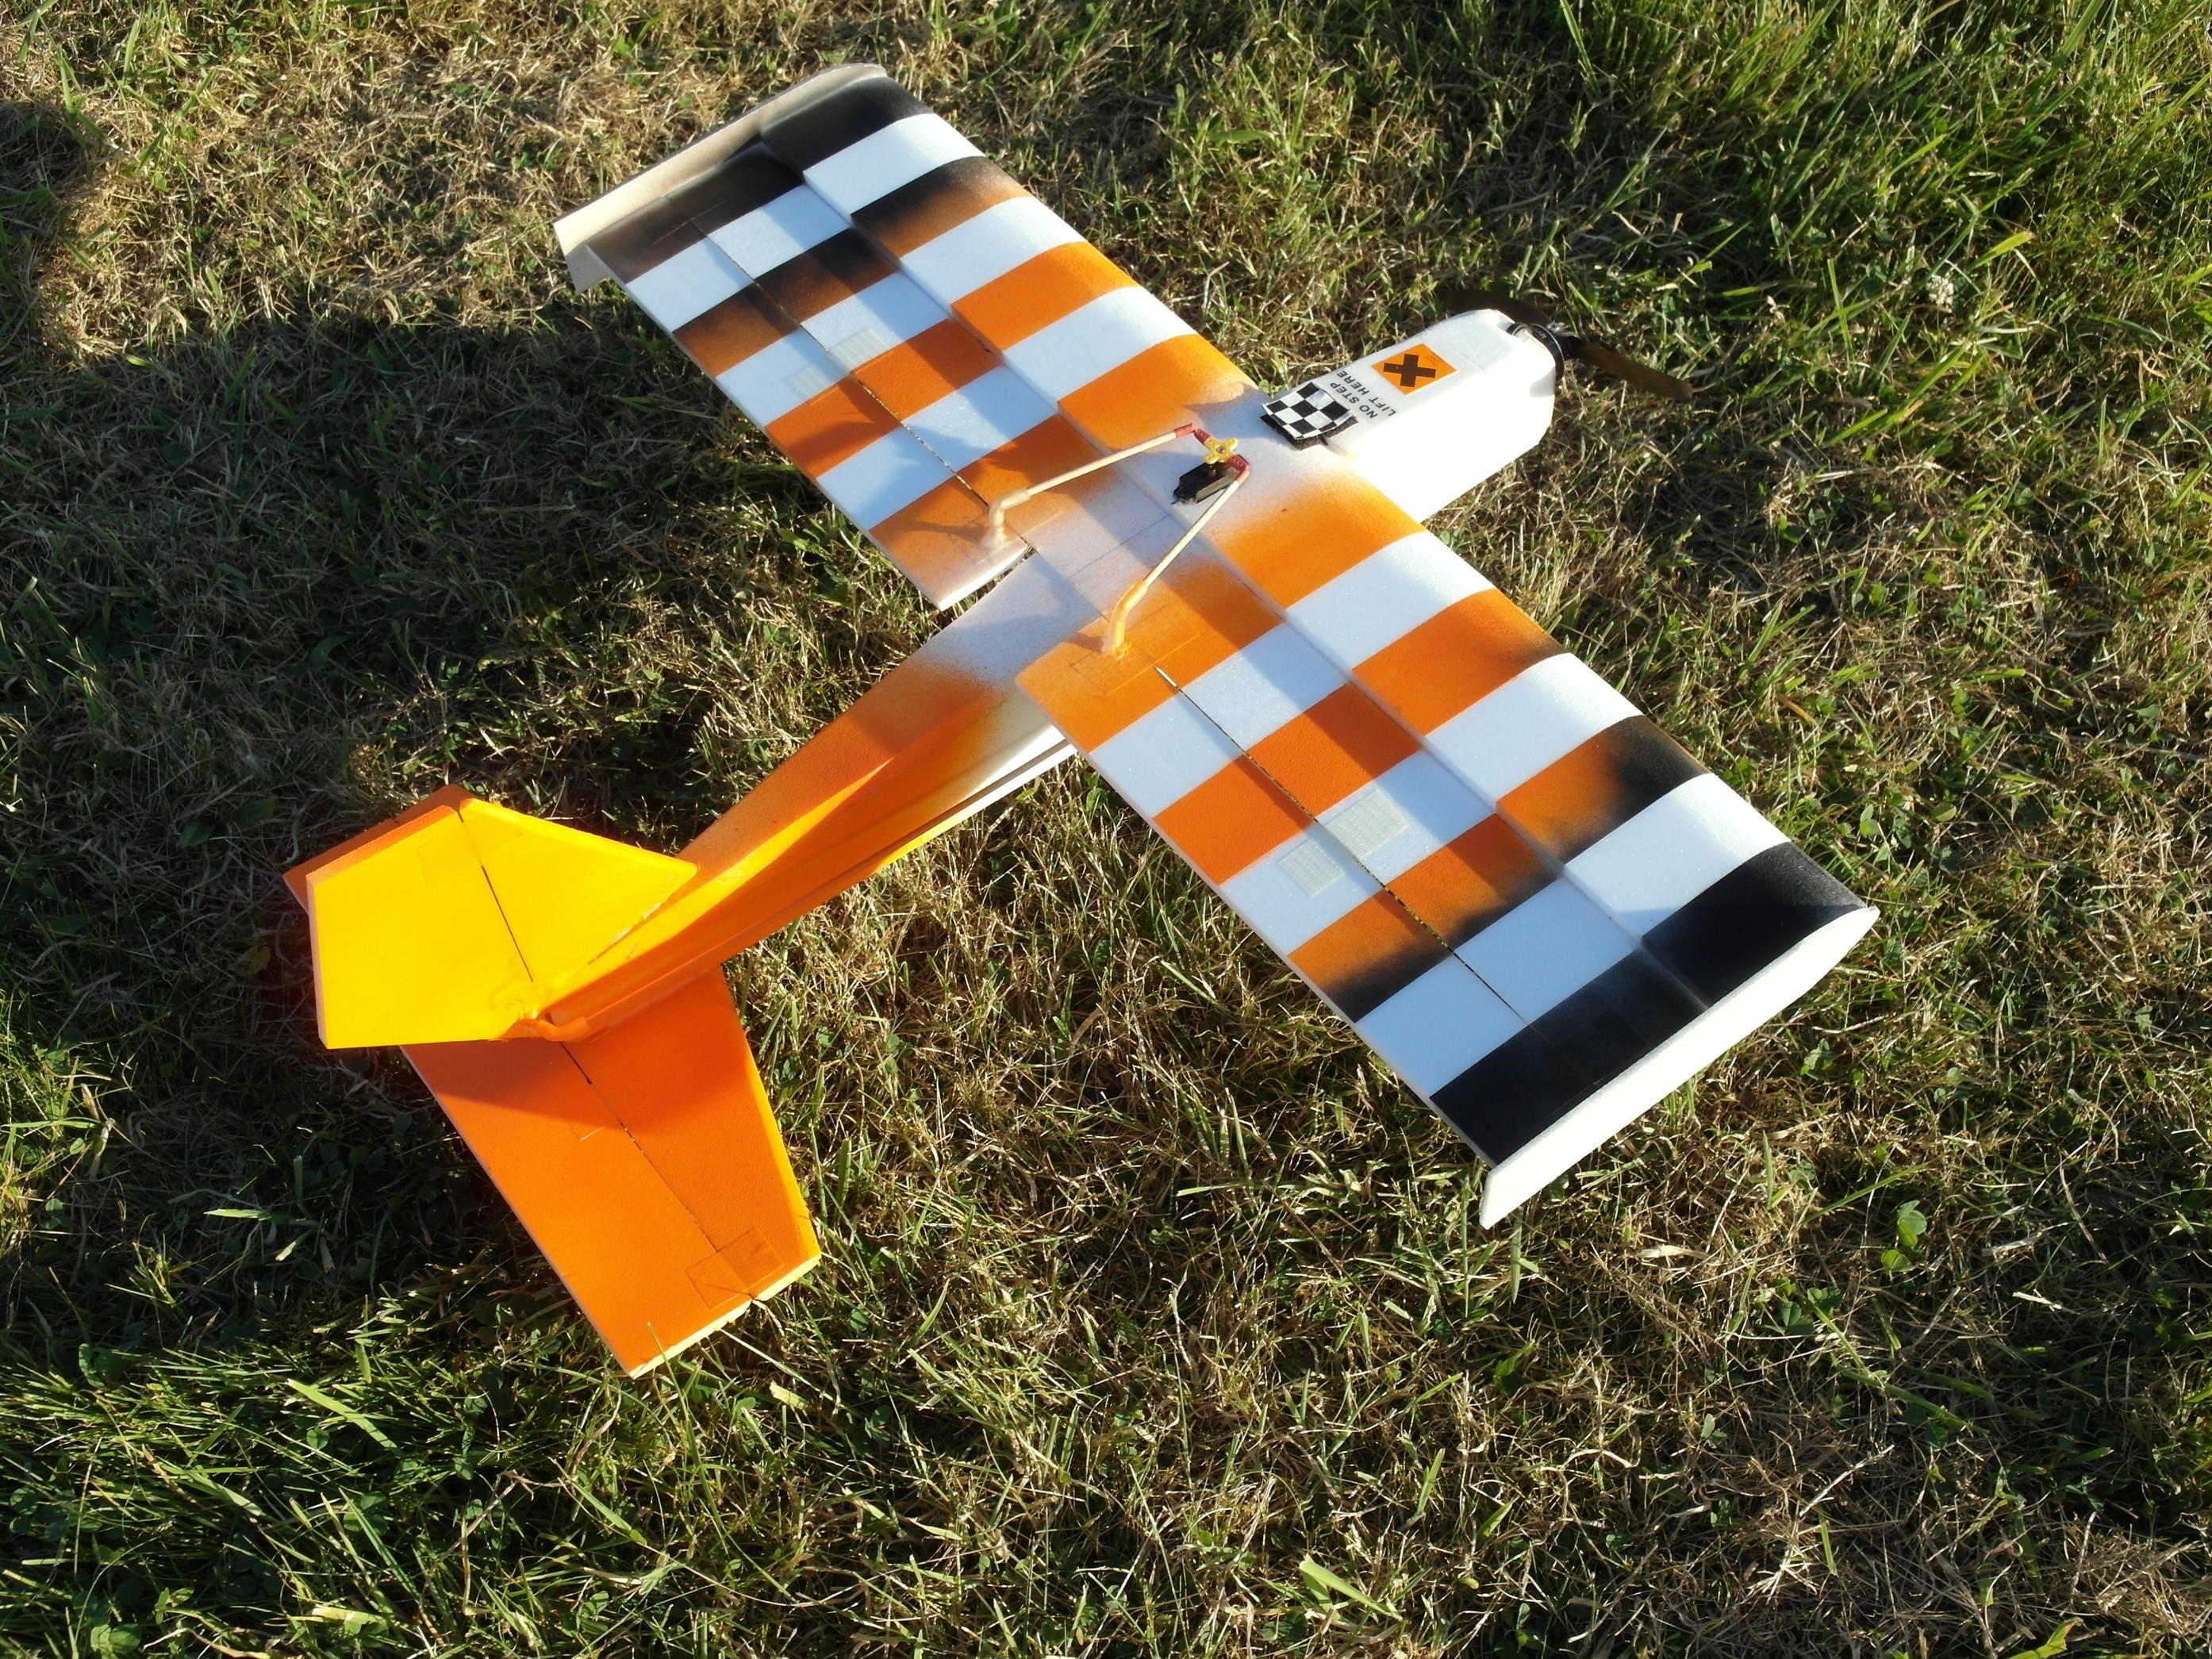 Le plan d'un avion rc en dépron pour faire de la 3d ou de